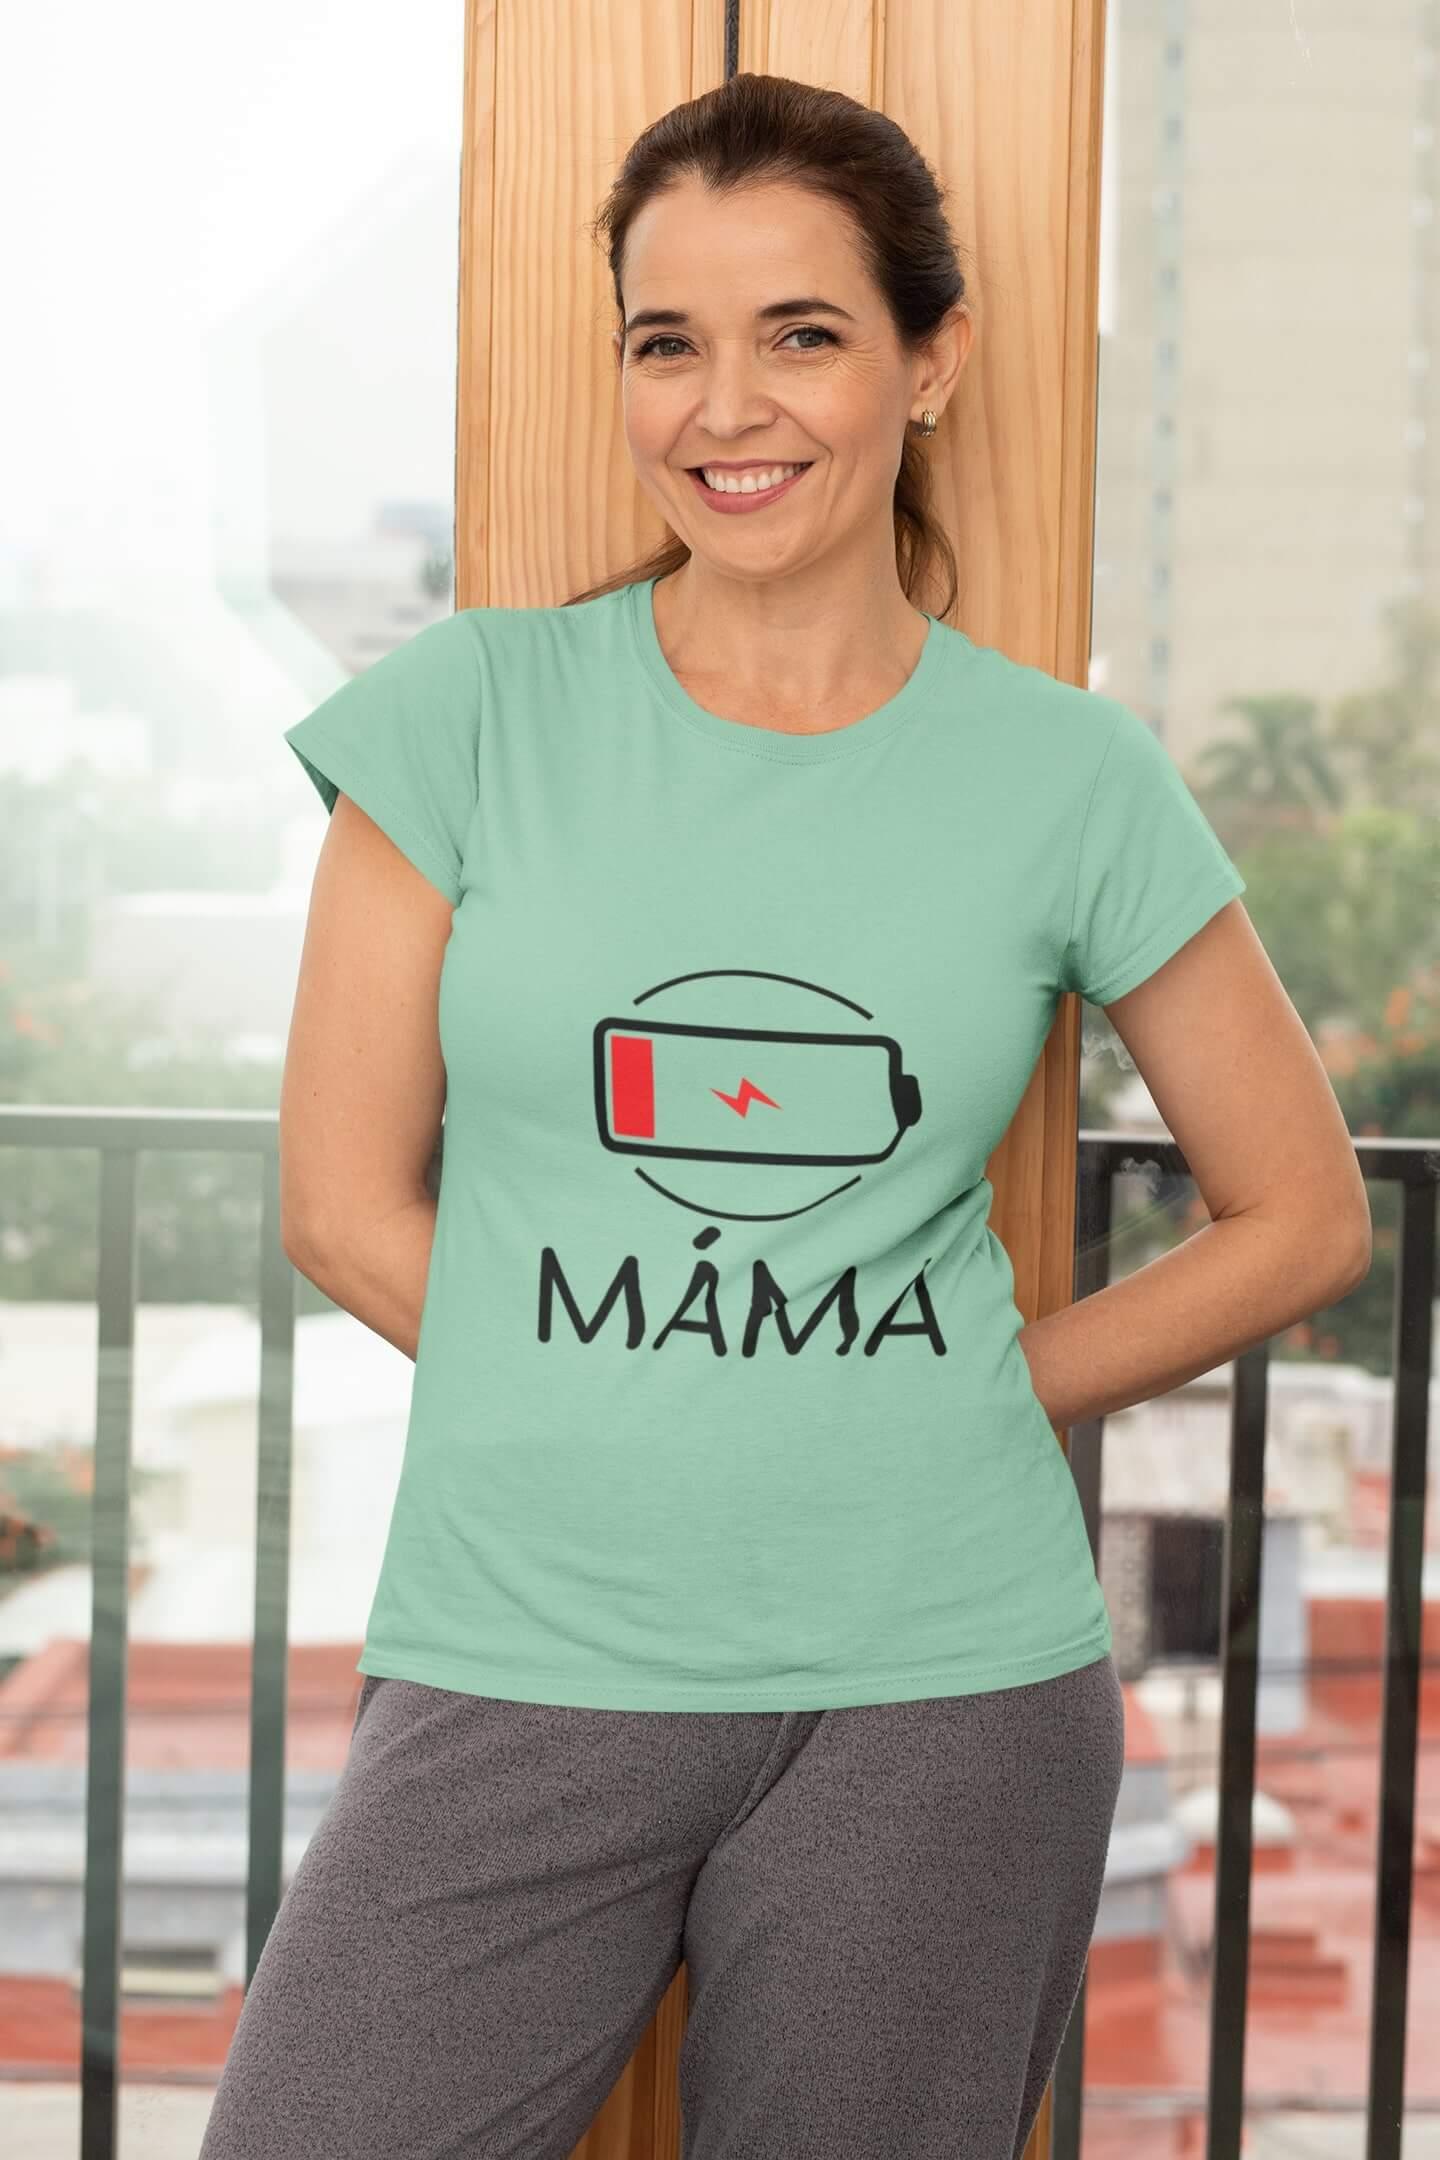 MMO Dámske tričko pre mamu baterka Vyberte farbu: Mätová, Vyberte veľkosť: XS